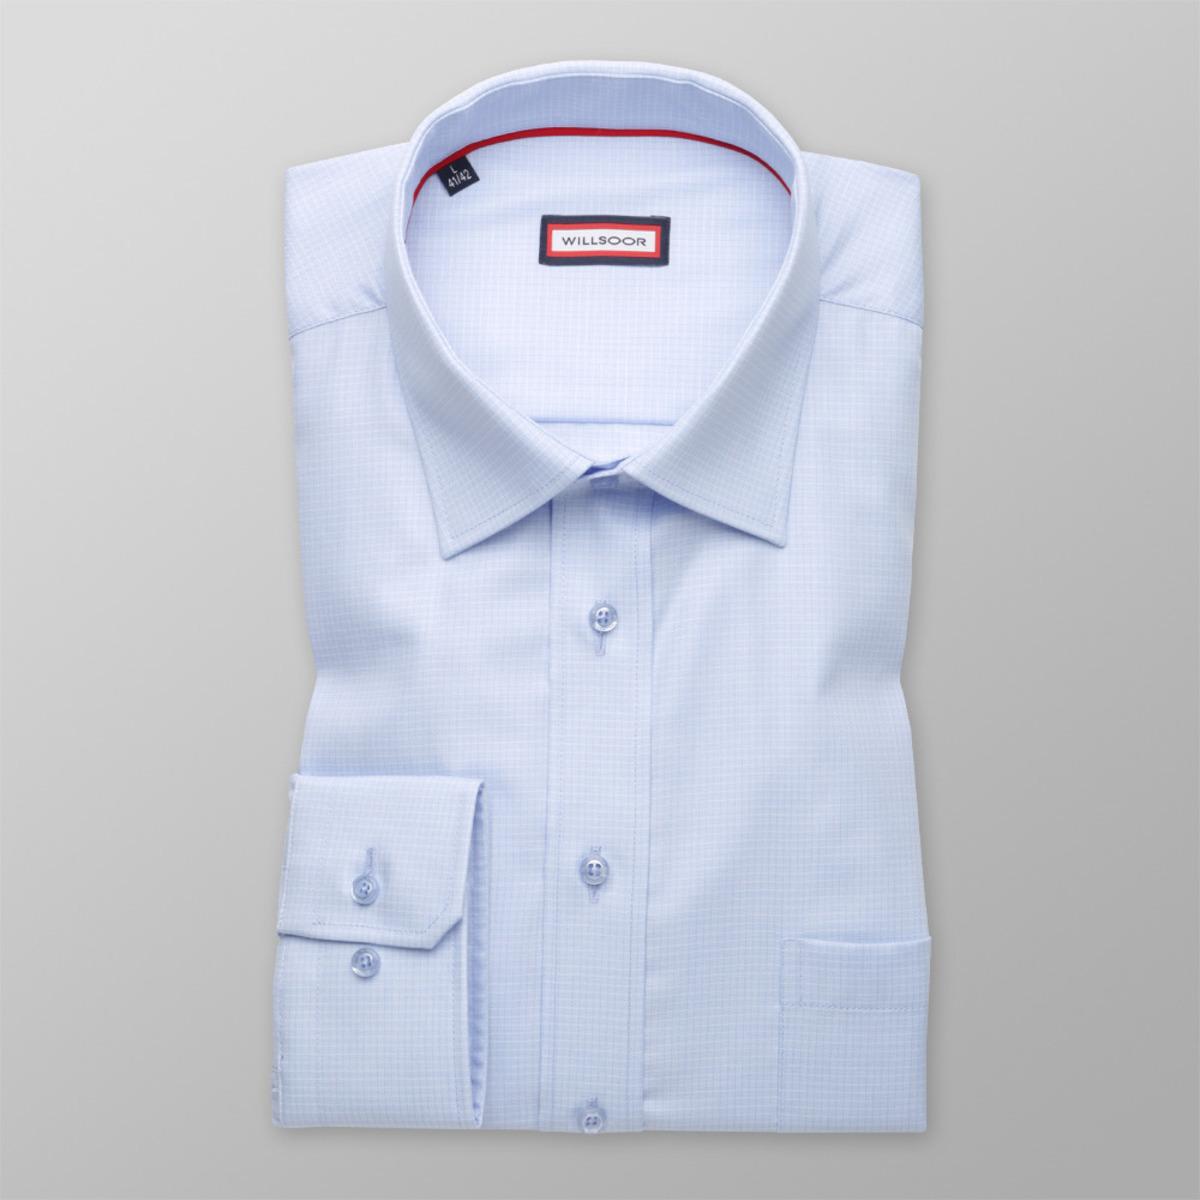 Pánska košeľa klasická (výška 176 - 182) 9604 jemne vzorovaná 176-182 / L (41/42)